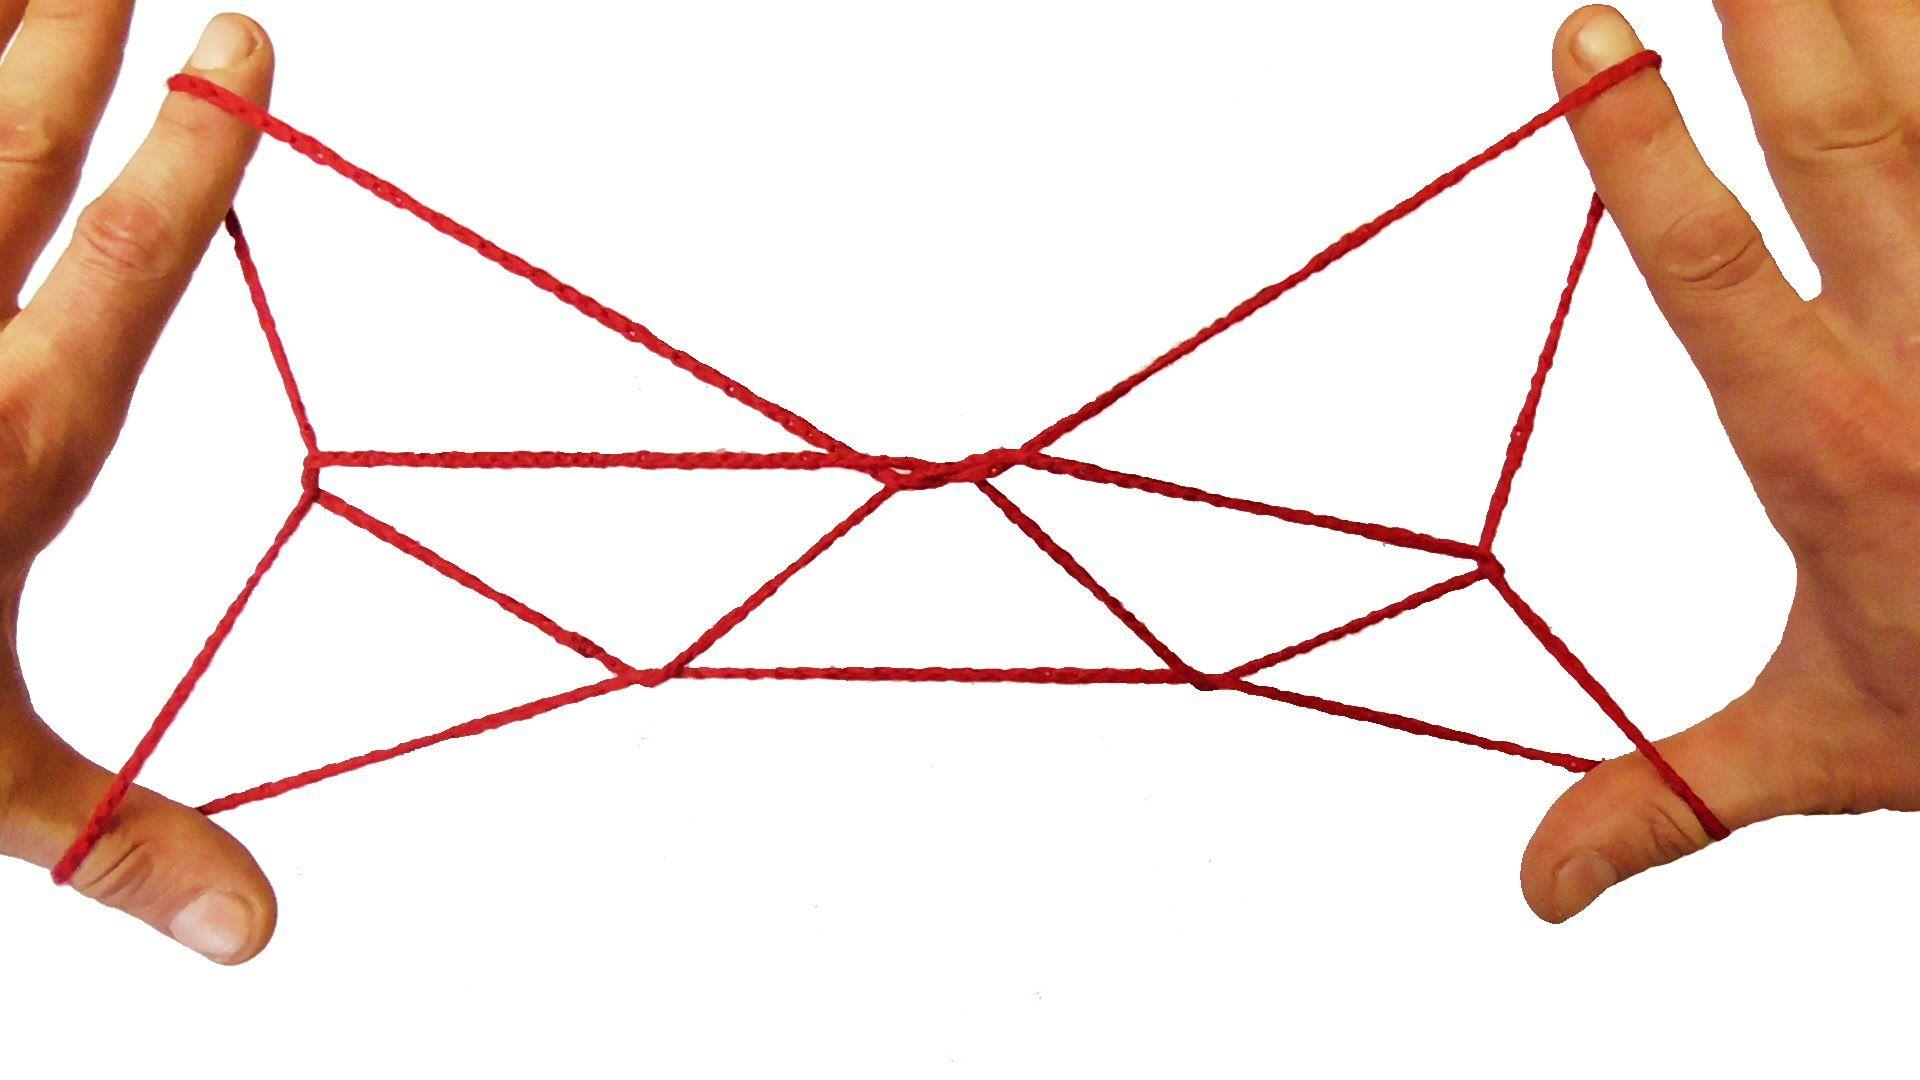 Pin on string tricks